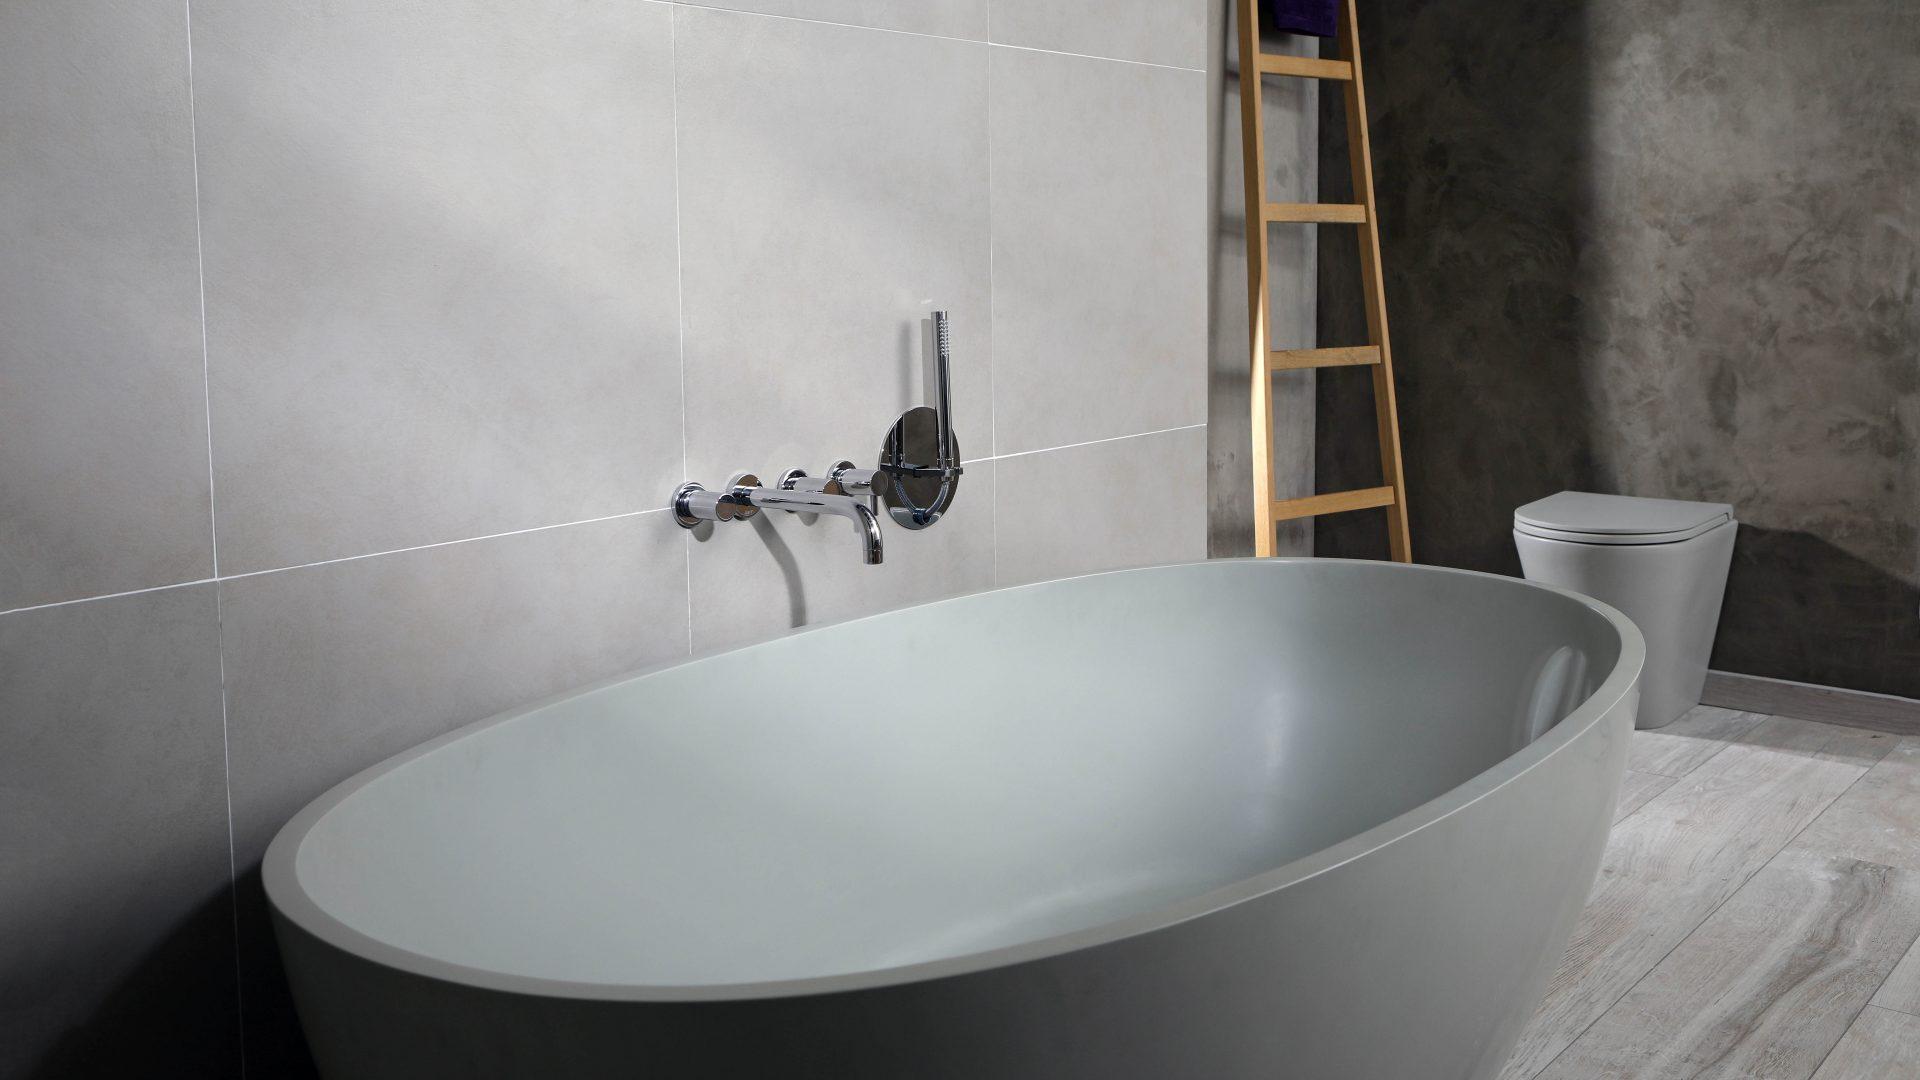 Bad met Luca Roll-In Shower - strak vormgegeven oprolsysteem waarbij de doucheslang elegant oprolt in de muur. #badkamer #badkamerinspiratie #douche #doucheslang #Rollinshower #lucasanitair